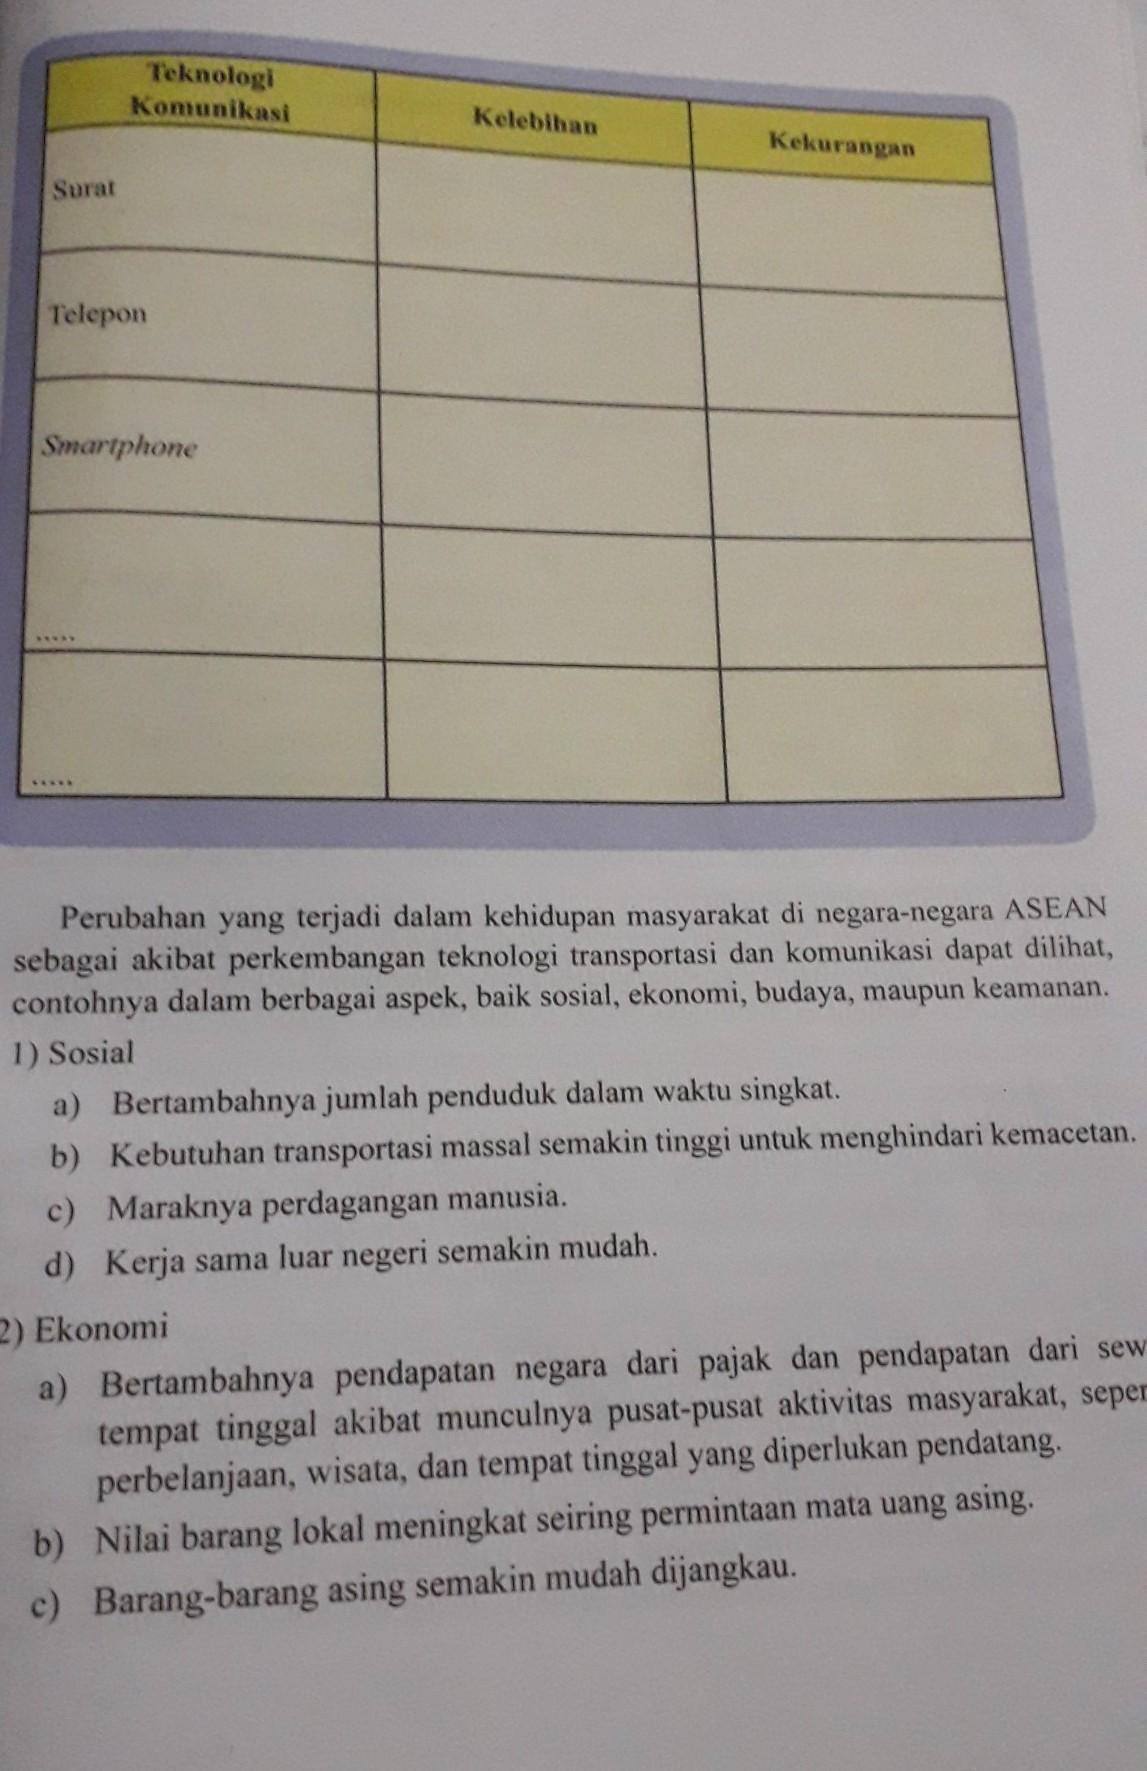 32 Kunci Jawaban Ips Kelas 8 Halaman 69 Background